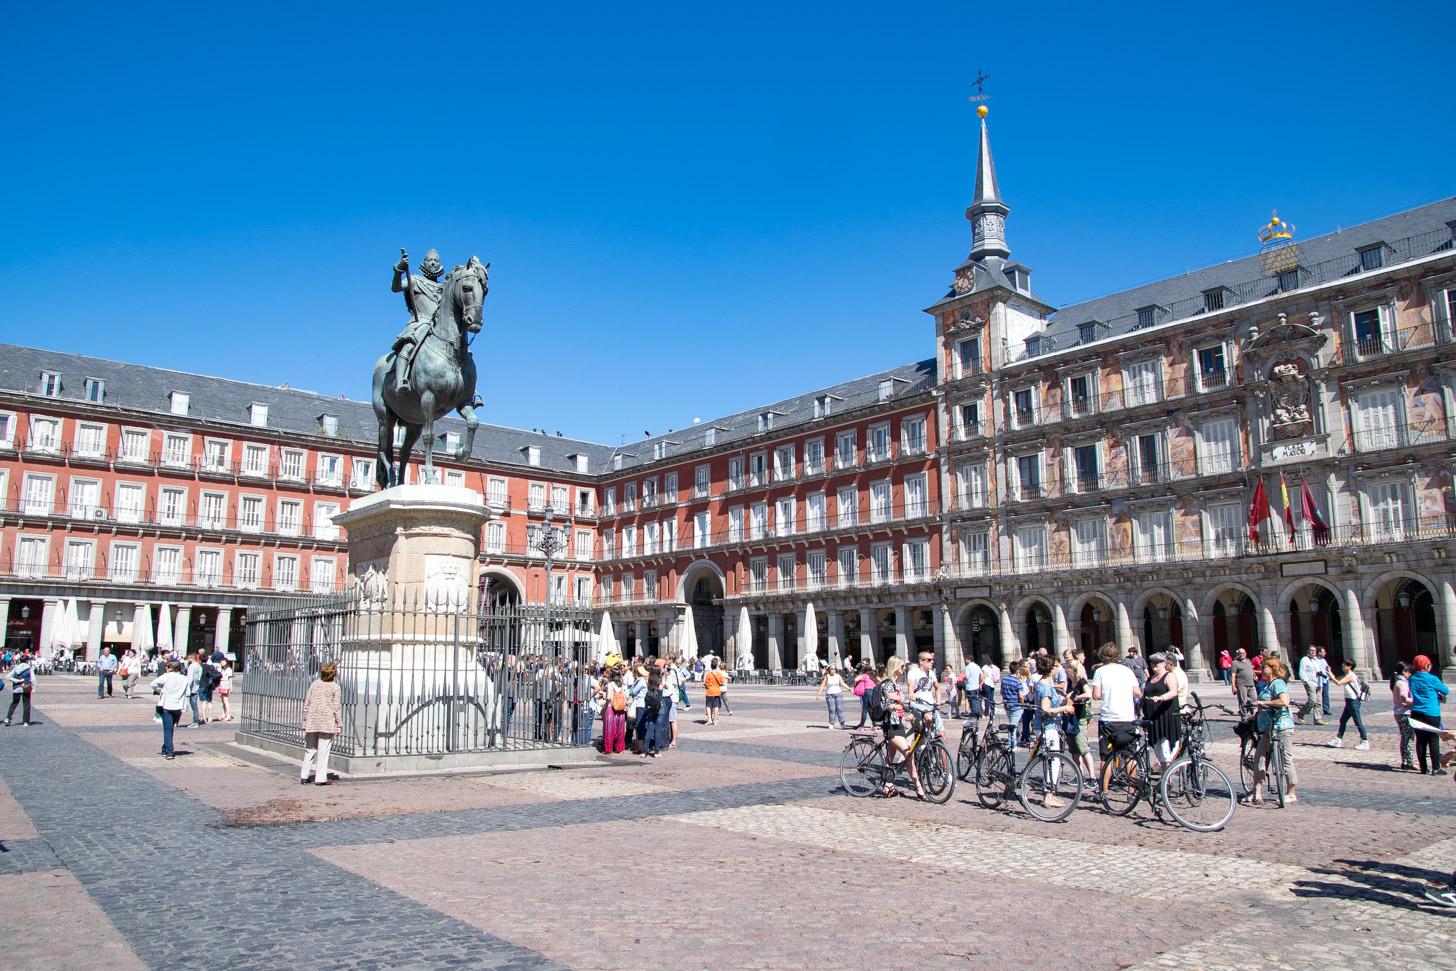 Het prachtige Plaza Mayor in het centrum van Madrid.